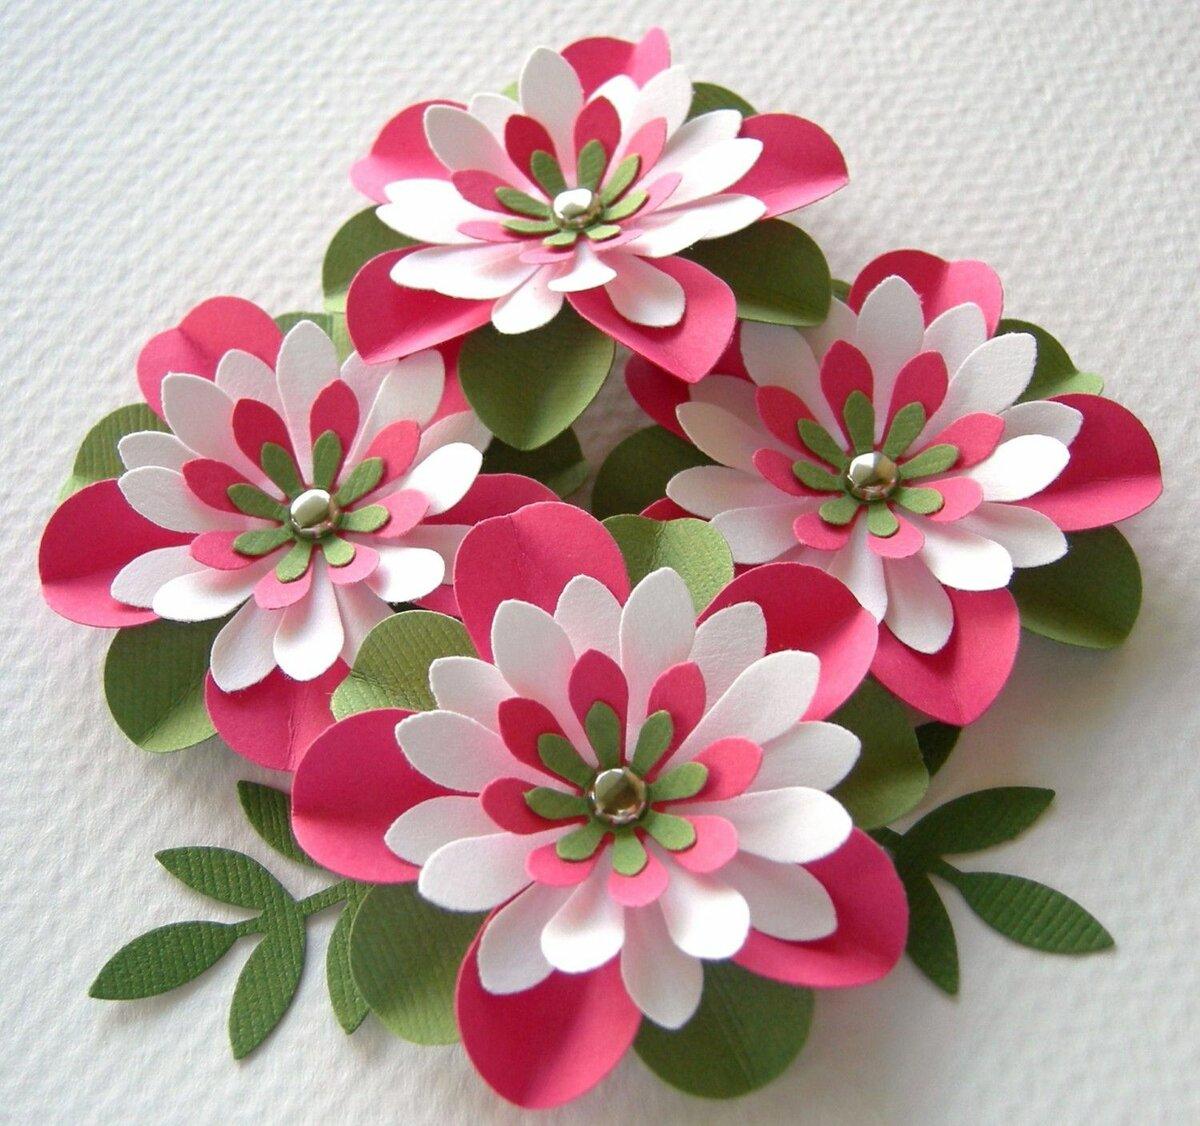 Как сделать красивые цветы из цветной бумаги своими руками